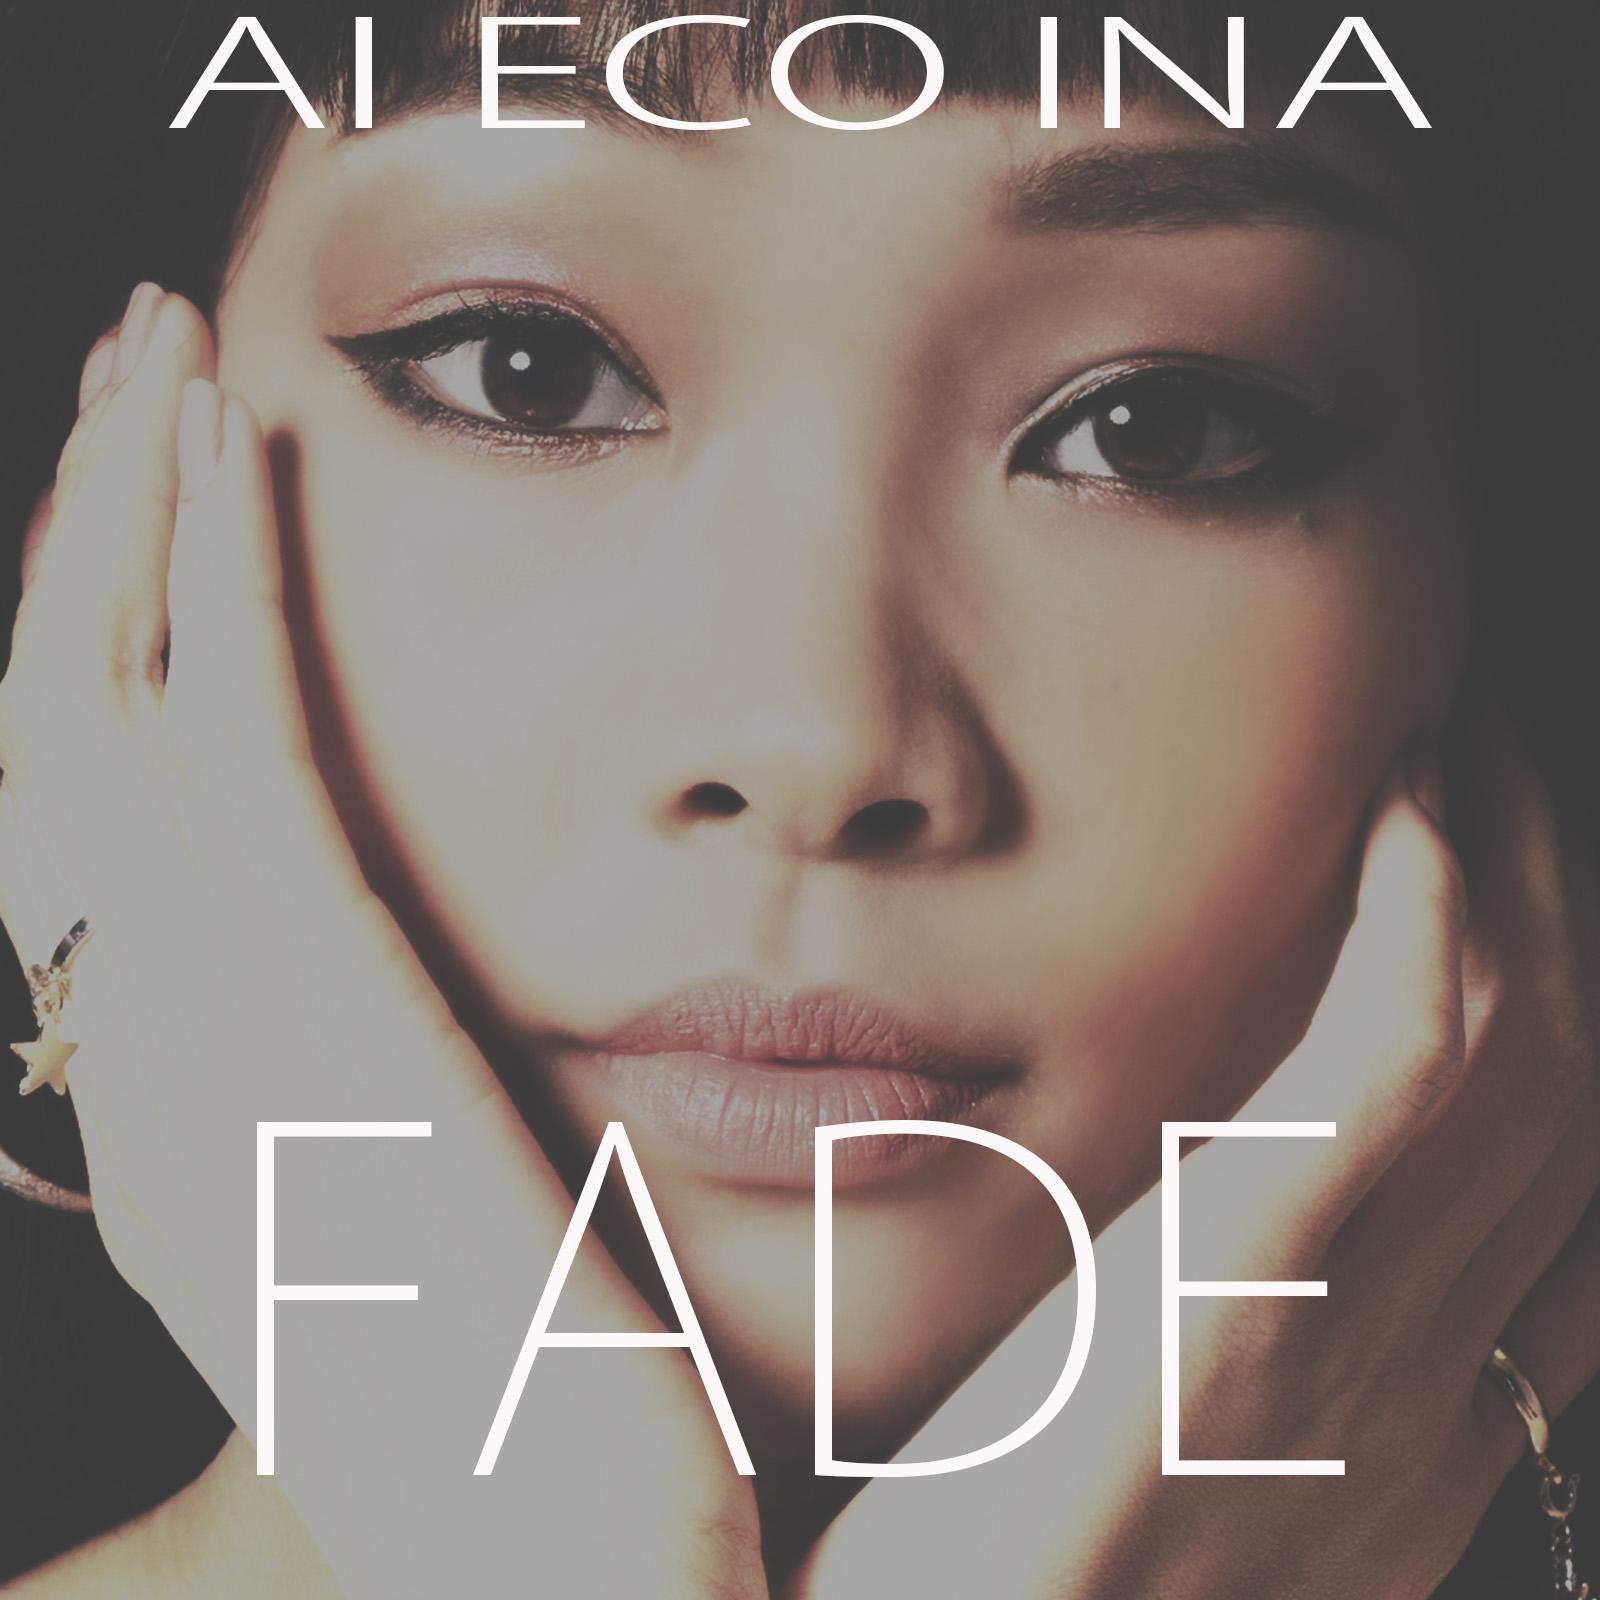 AI ECO INA / Fade - Single / 2017.03.31.Fri